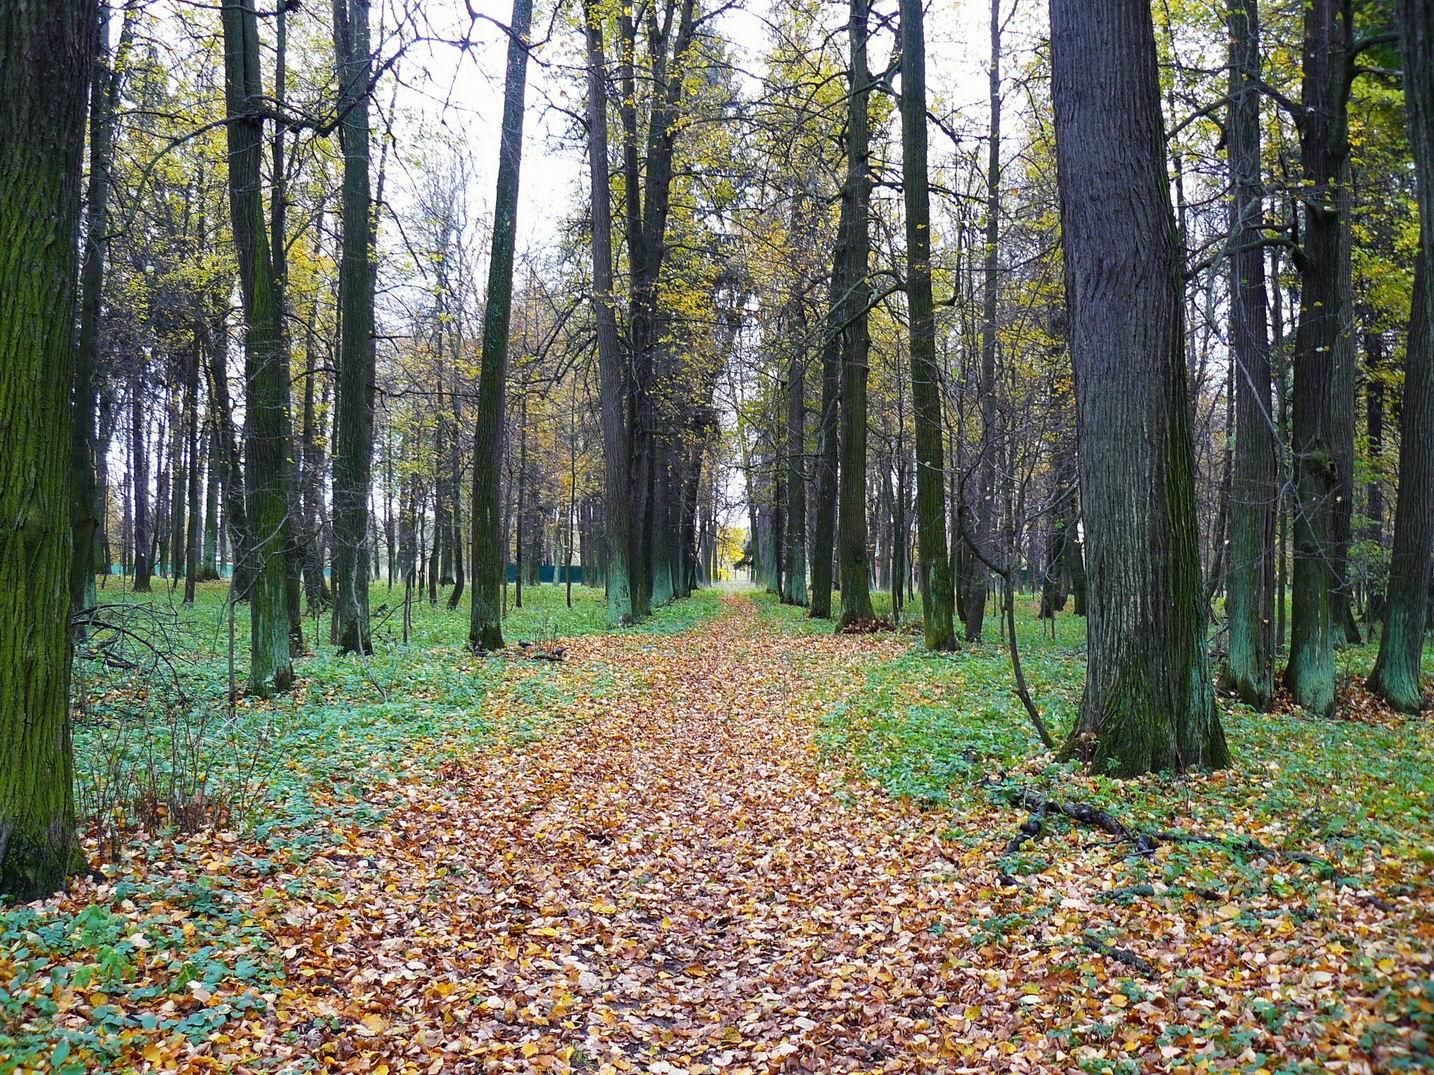 http://pics.livejournal.com/pushkino_2009/pic/000p1f0s